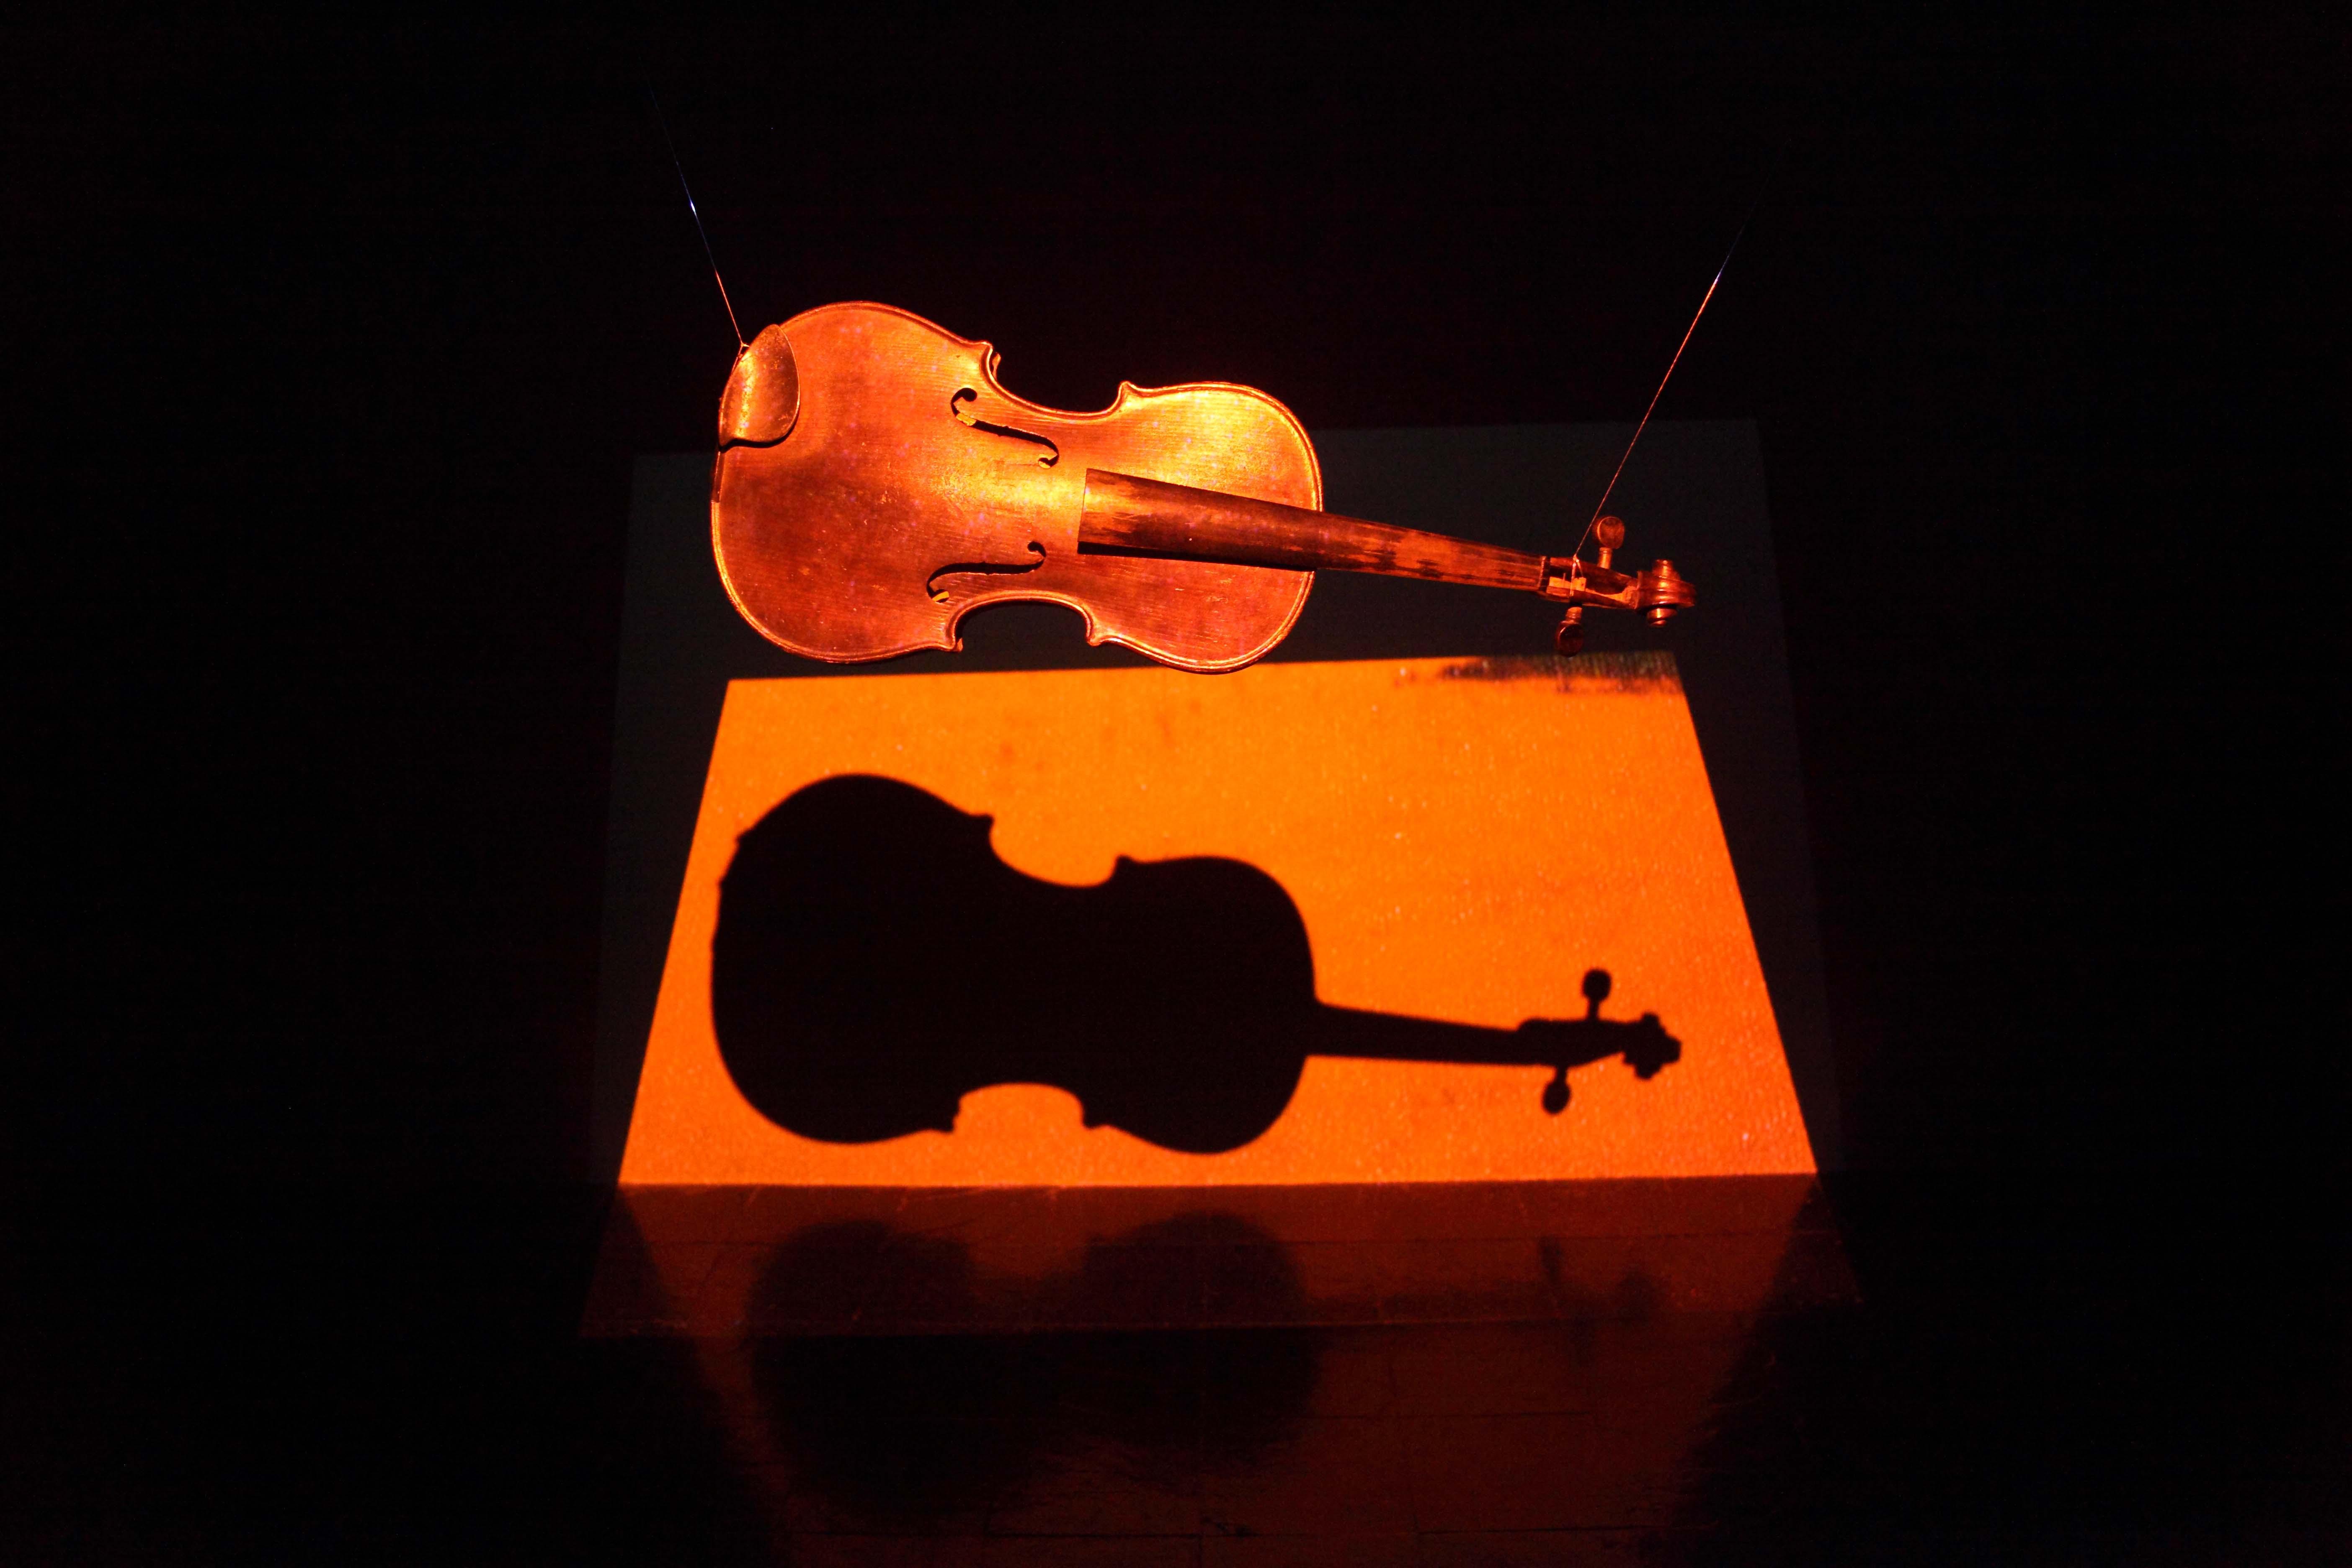 violino projeção